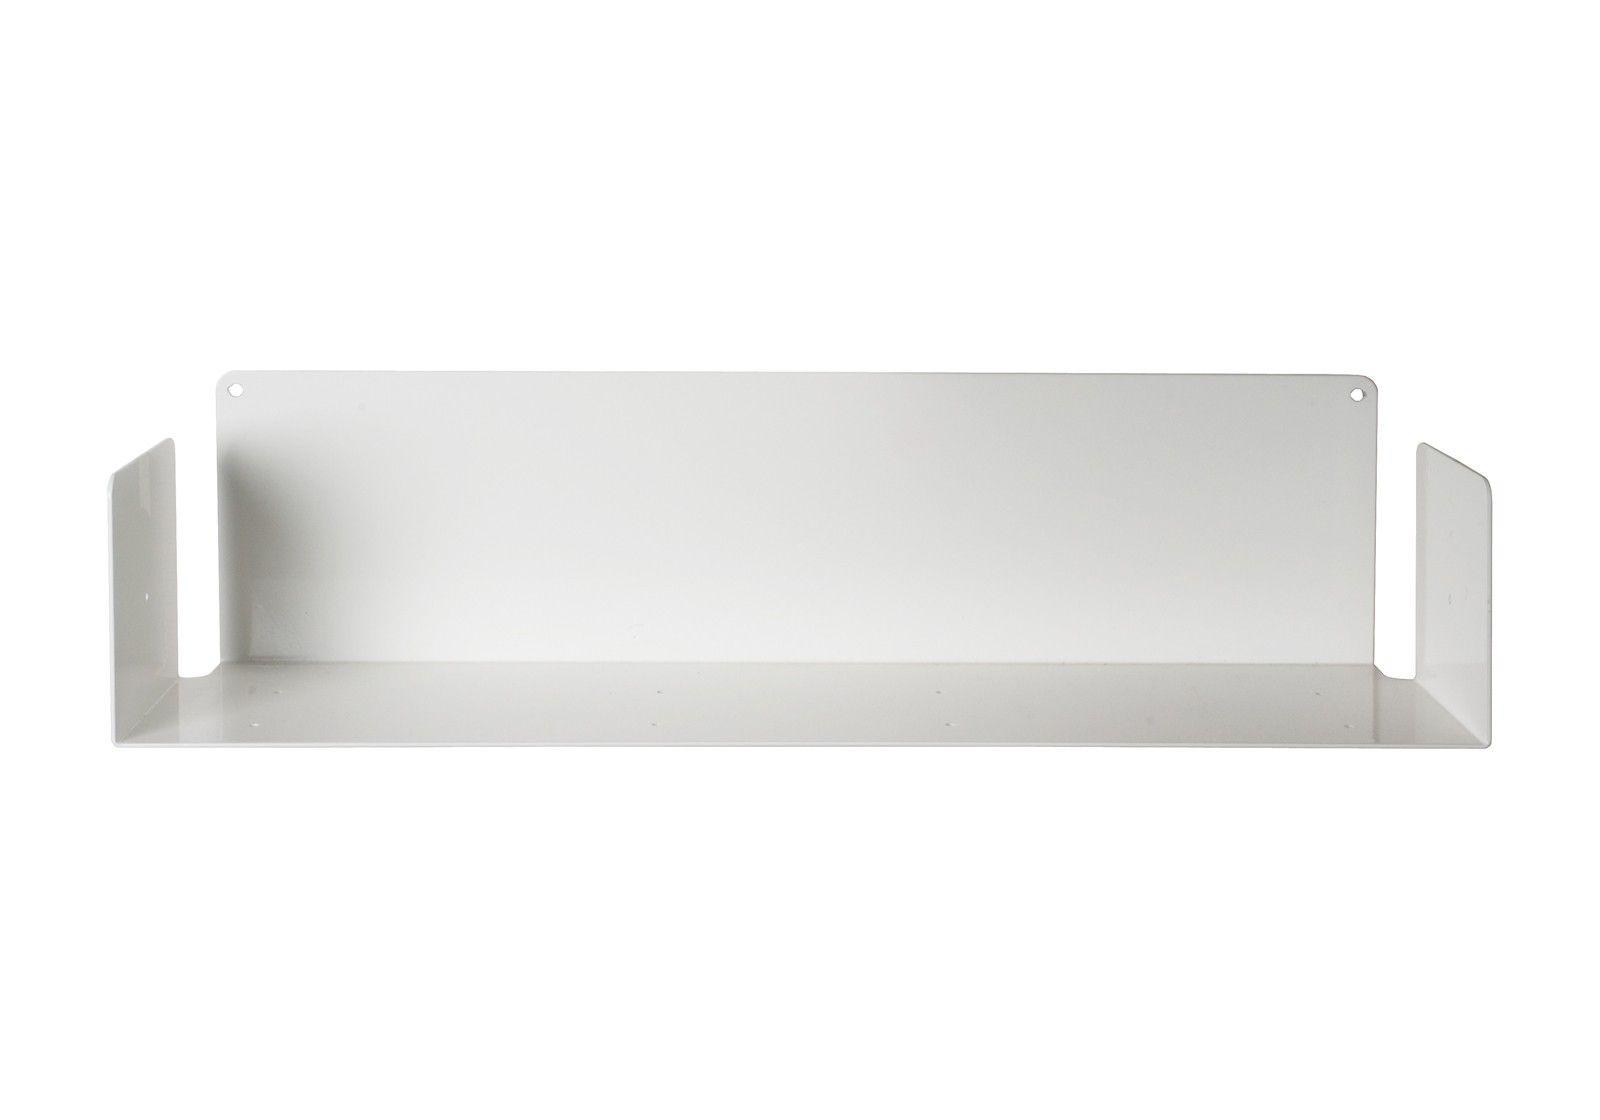 60 Cm CD Wall Shelf UCD White